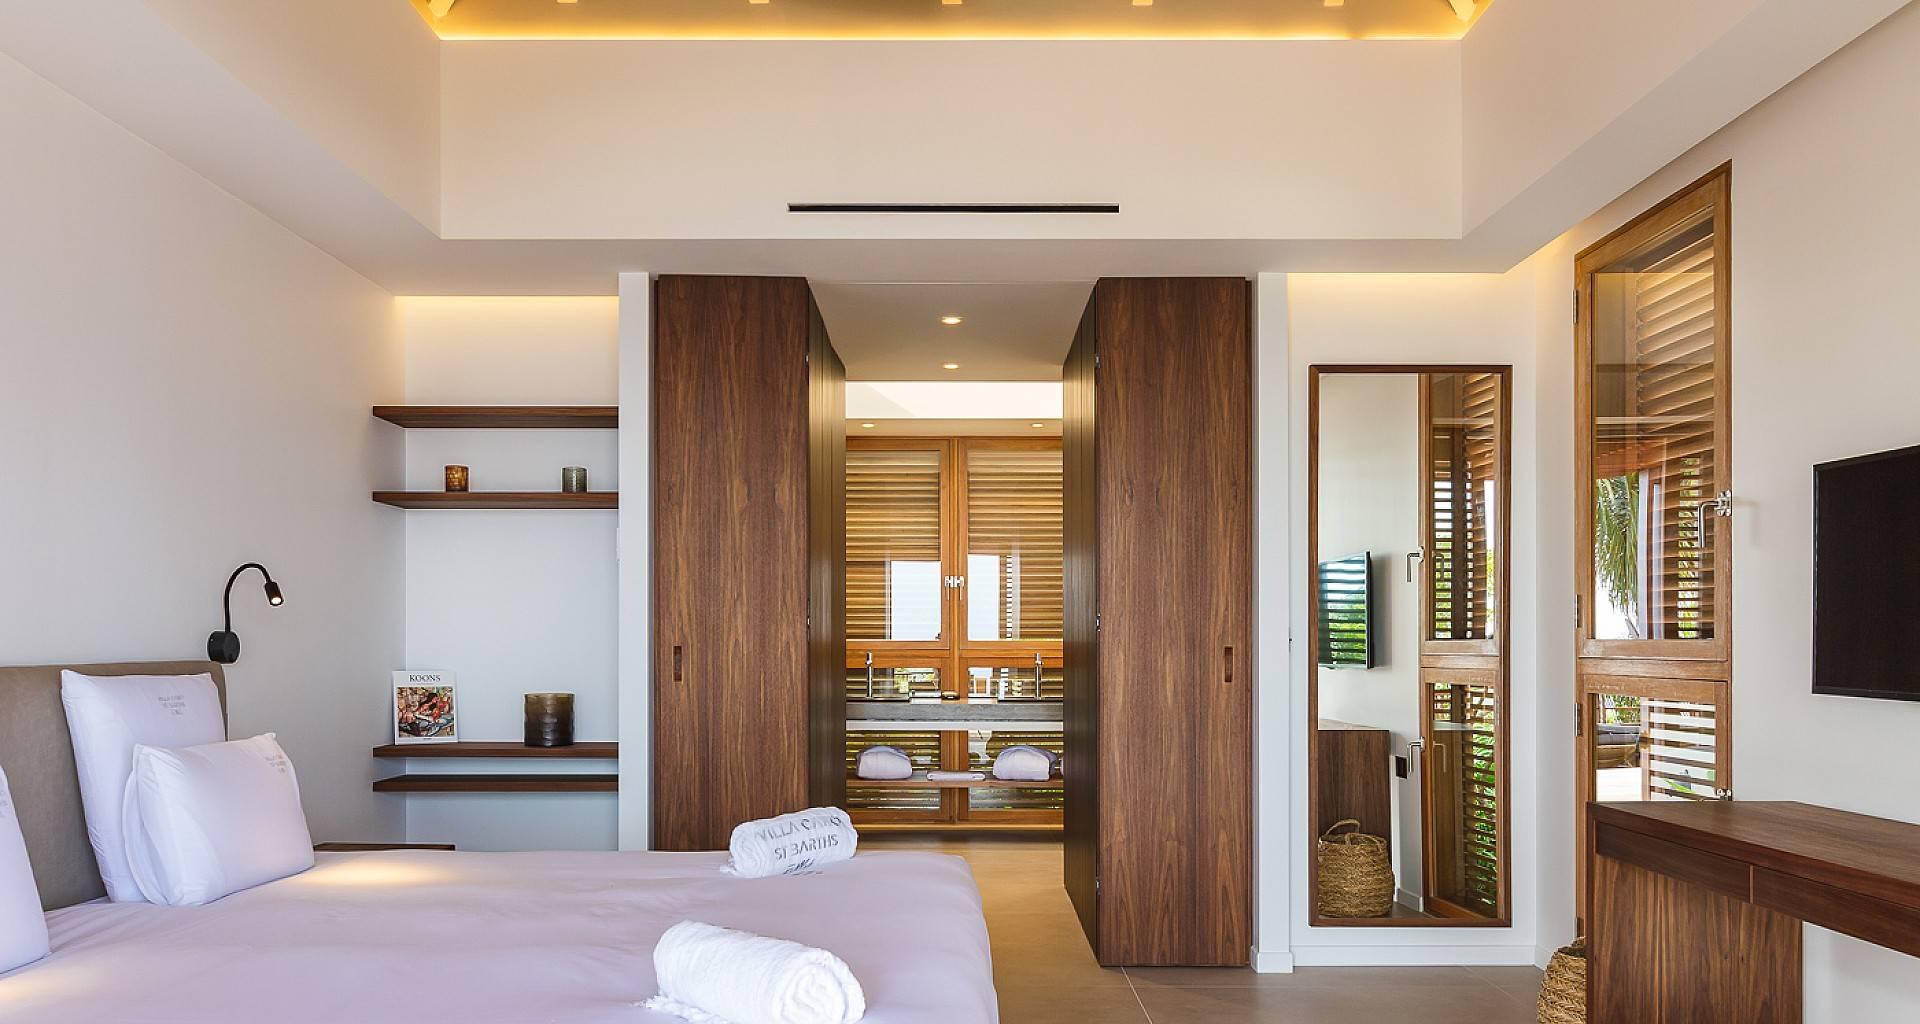 Villa Caro Bedroom 3